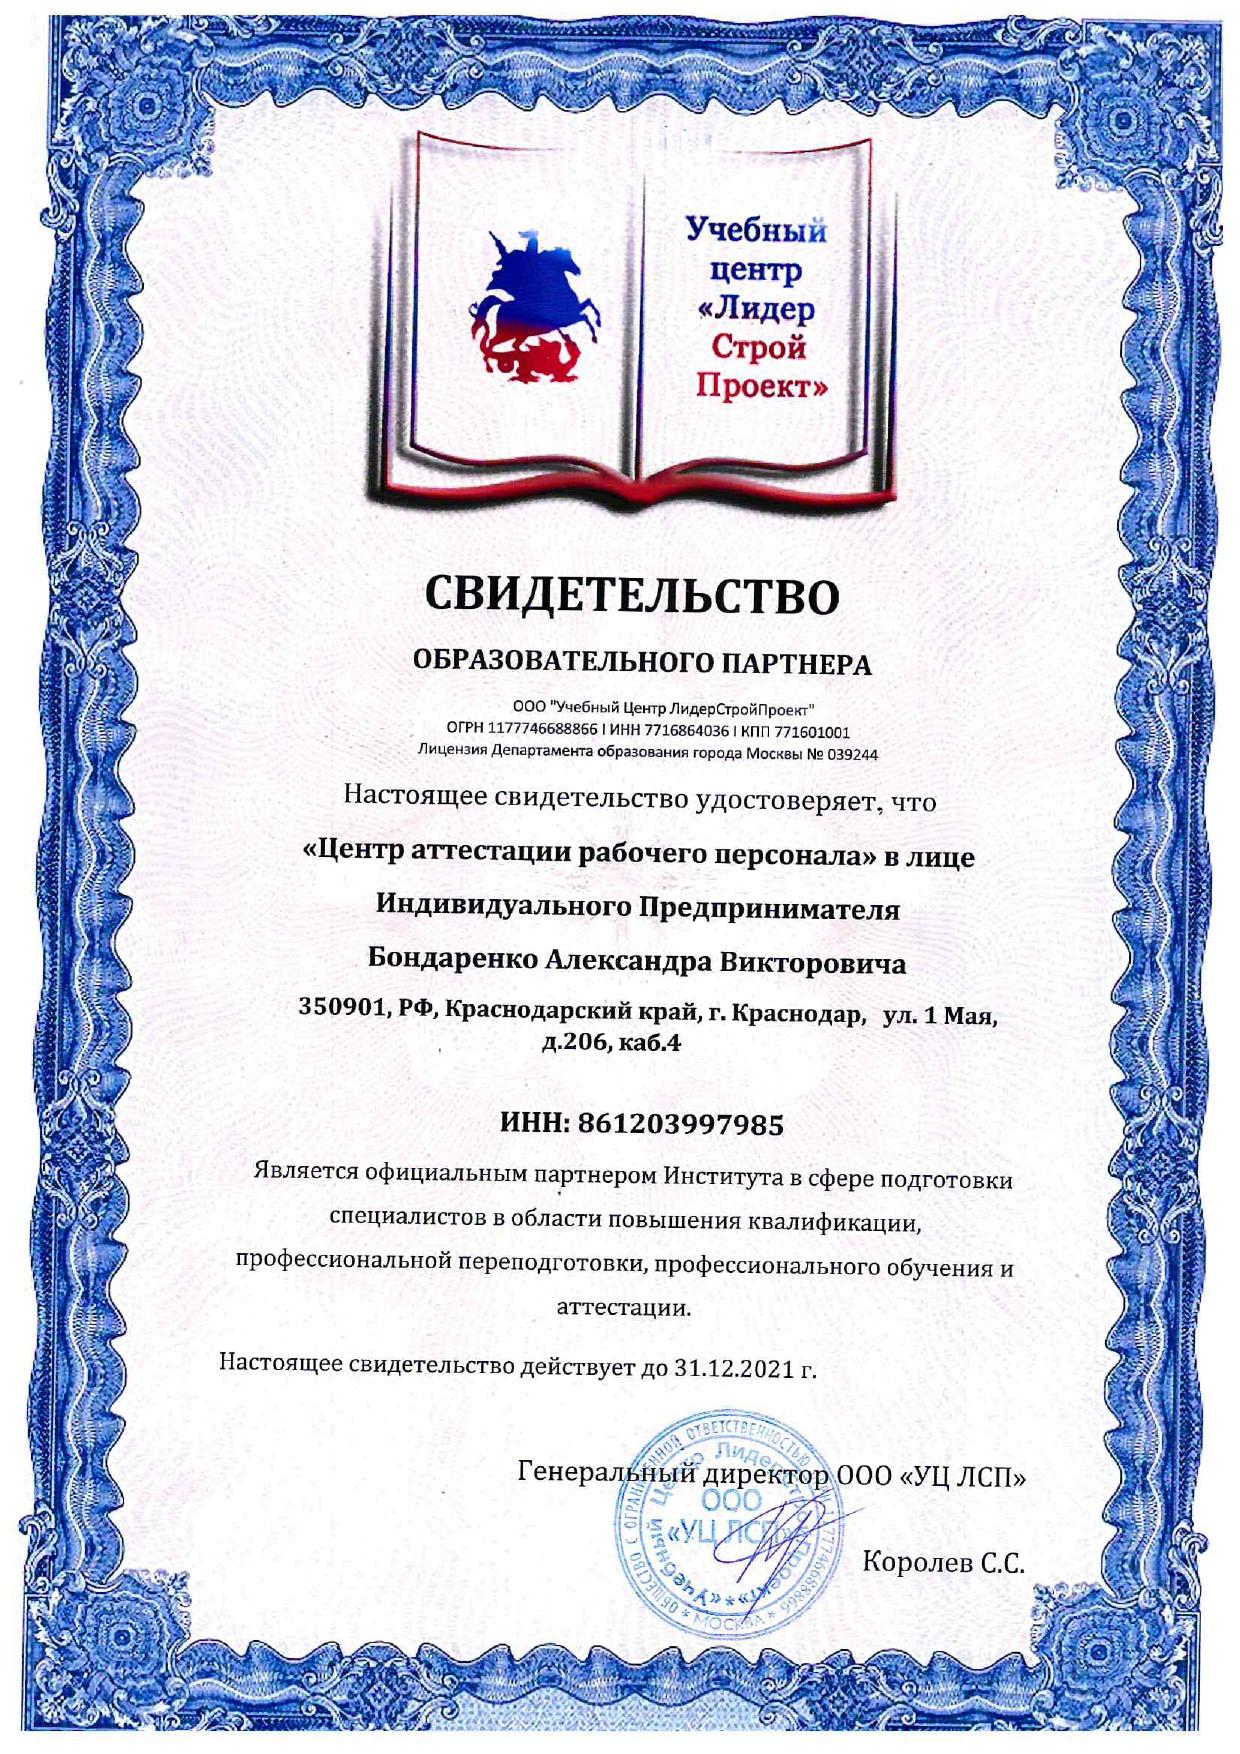 Аккредитация ЦАРП